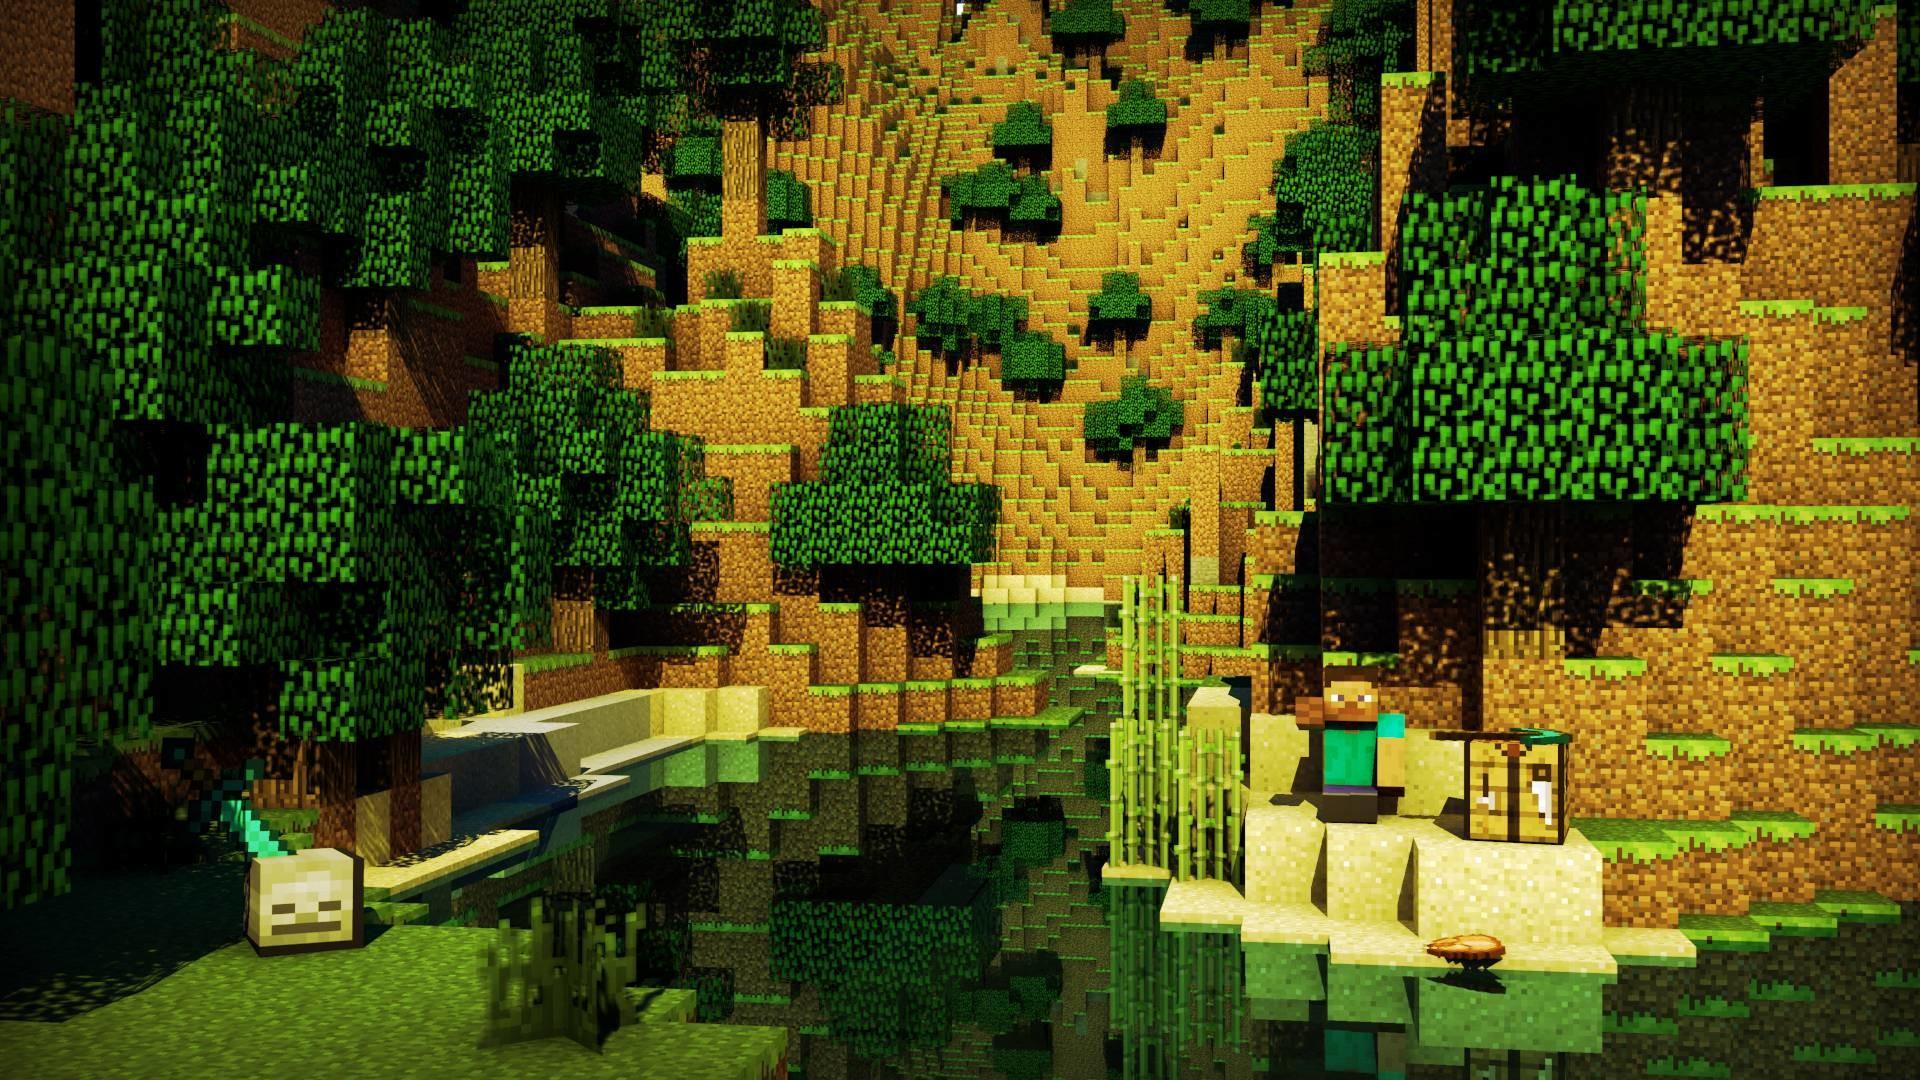 Hình nền Minecraft vách đá mặt nước trong